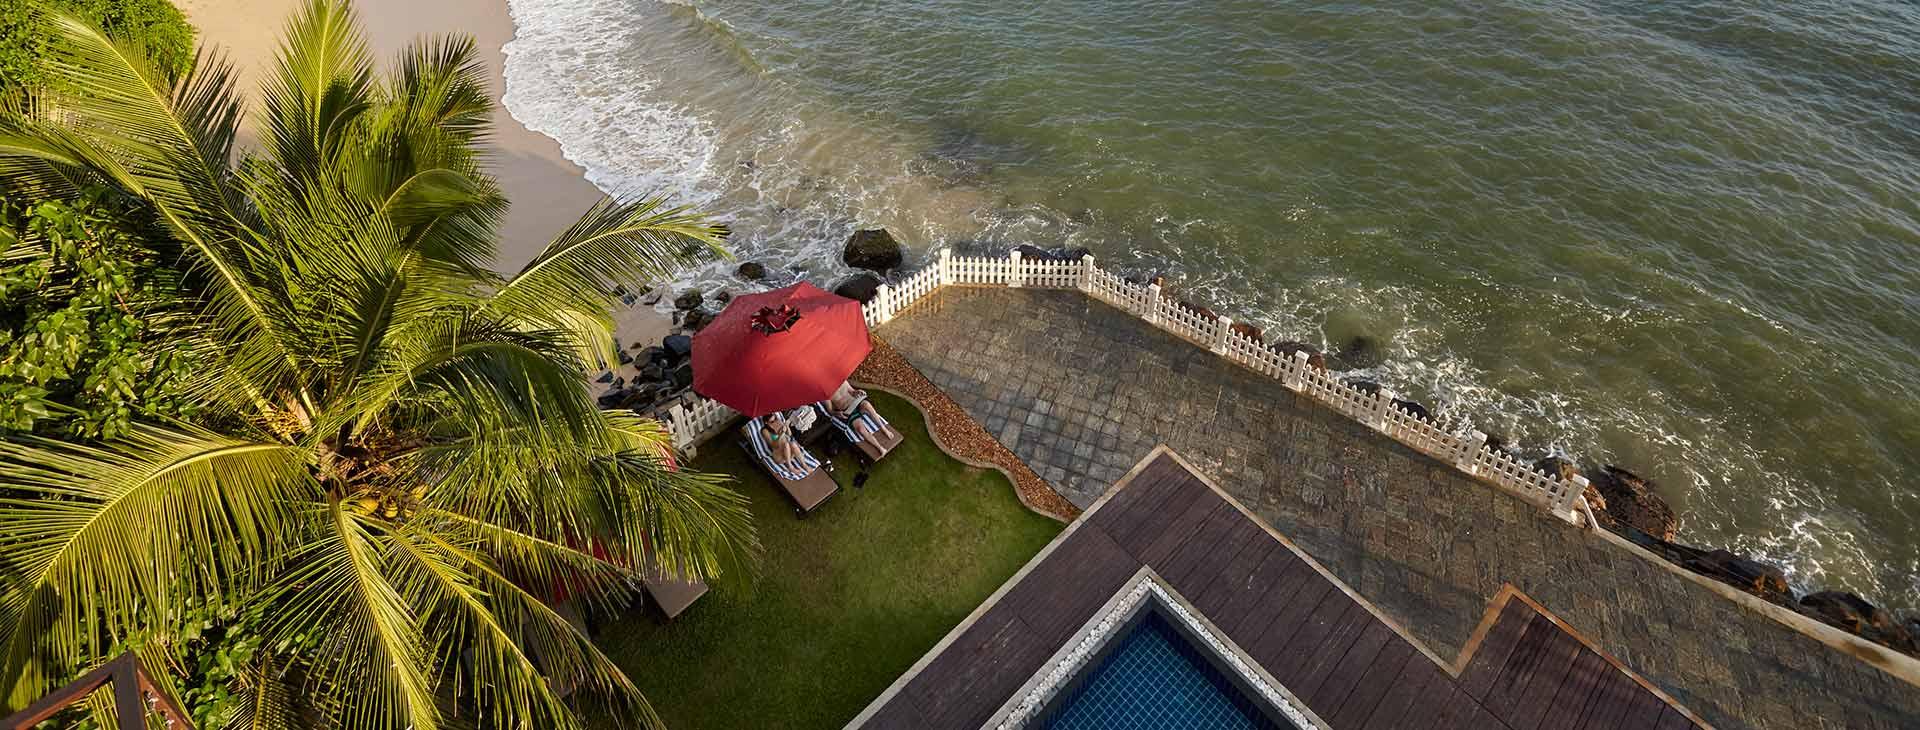 Garton's Cape Sri Lanka Południowa Prowincja